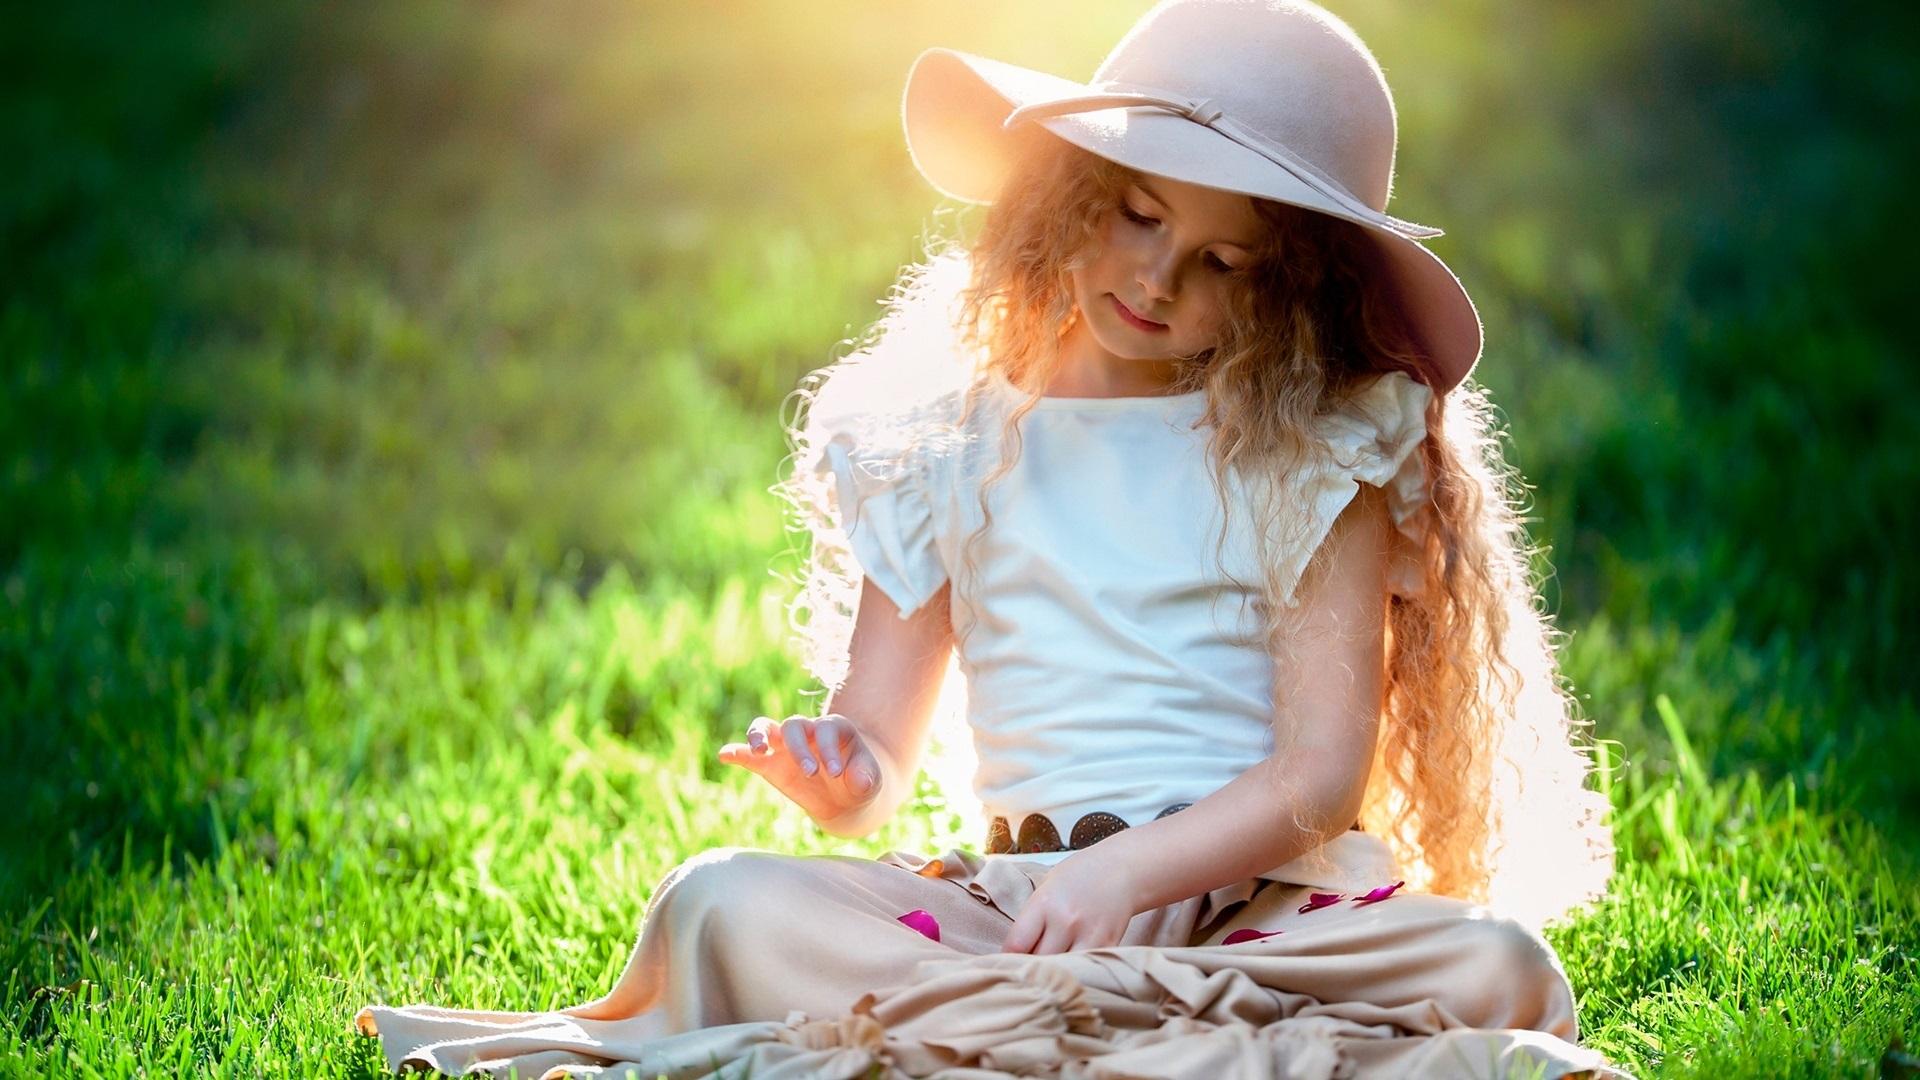 красивые фото с детьми на природе существование